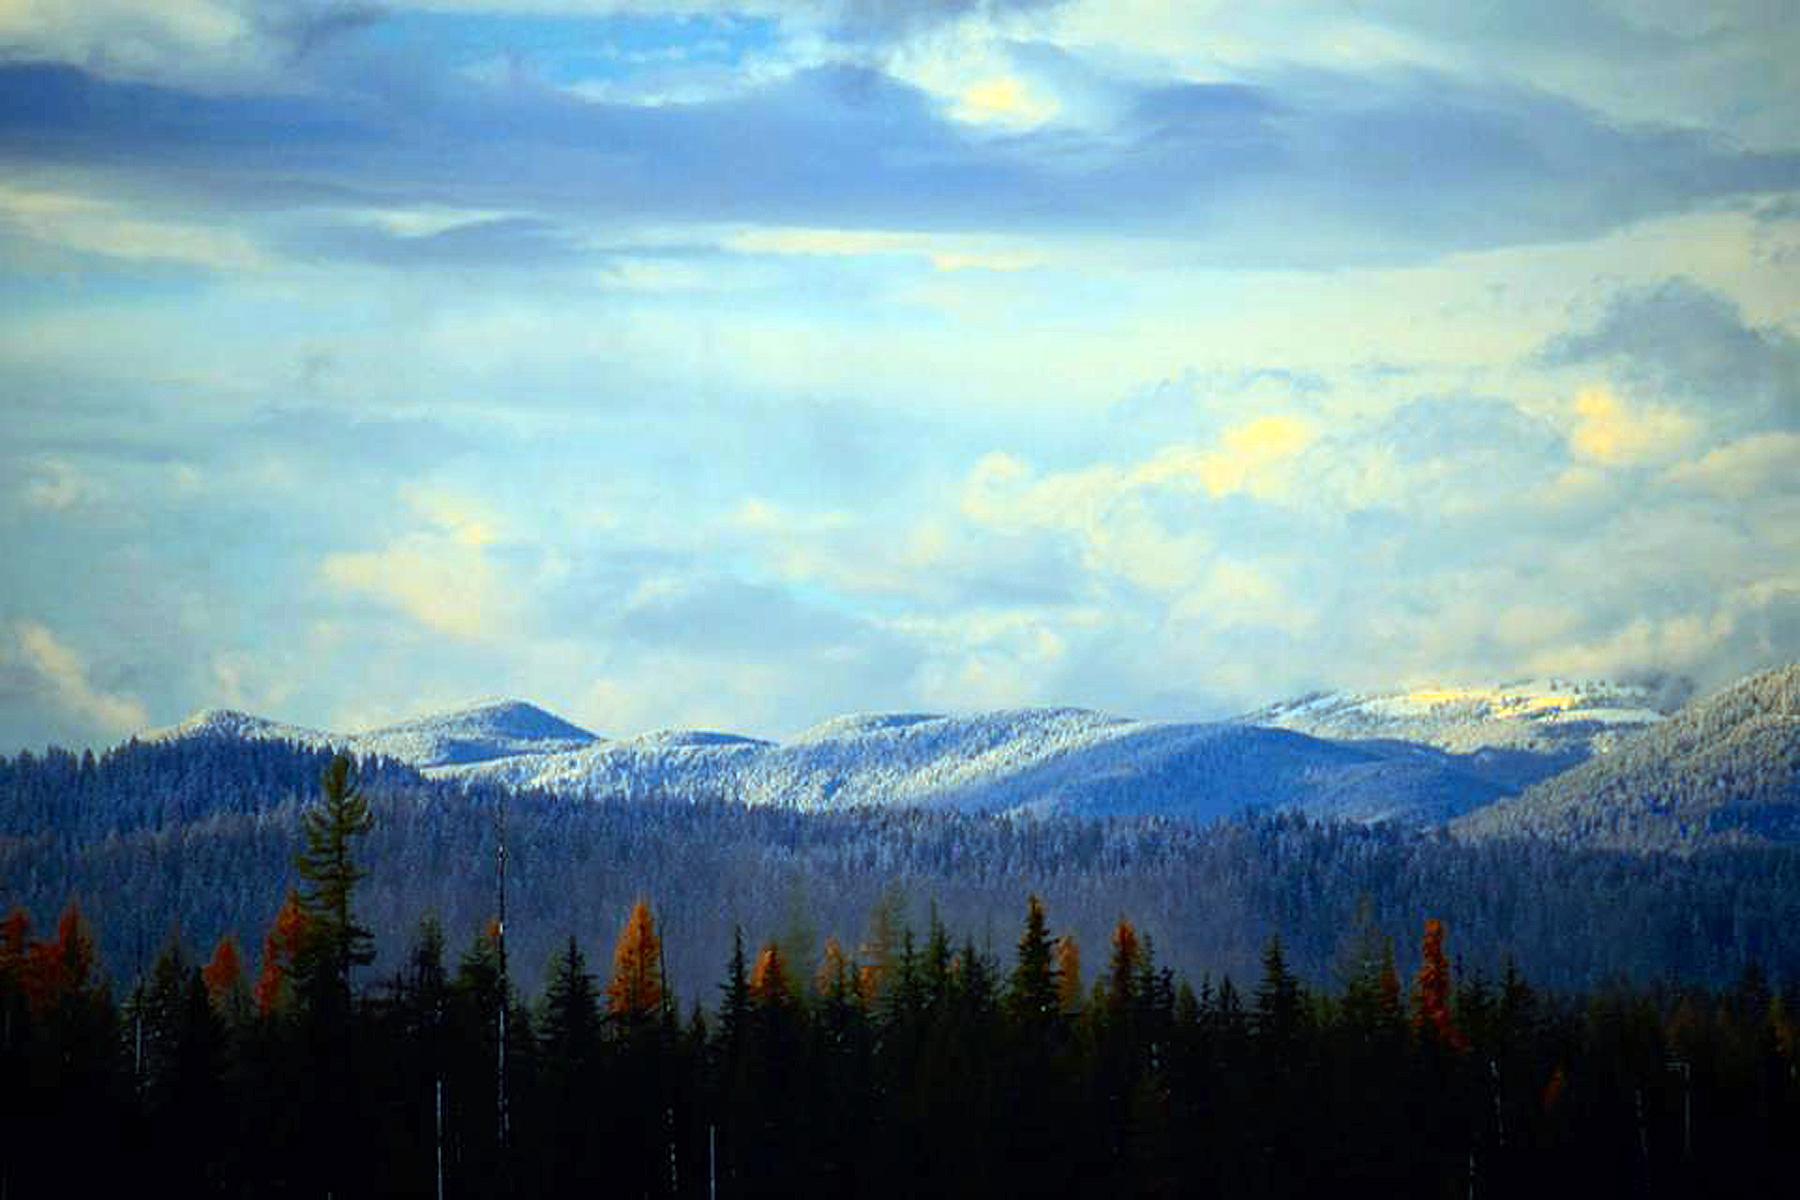 Terreno por un Venta en BUSHWOOD ESTATES Lot 7 1406 Lost Creek Rd Coolin, Idaho, 83821 Estados Unidos